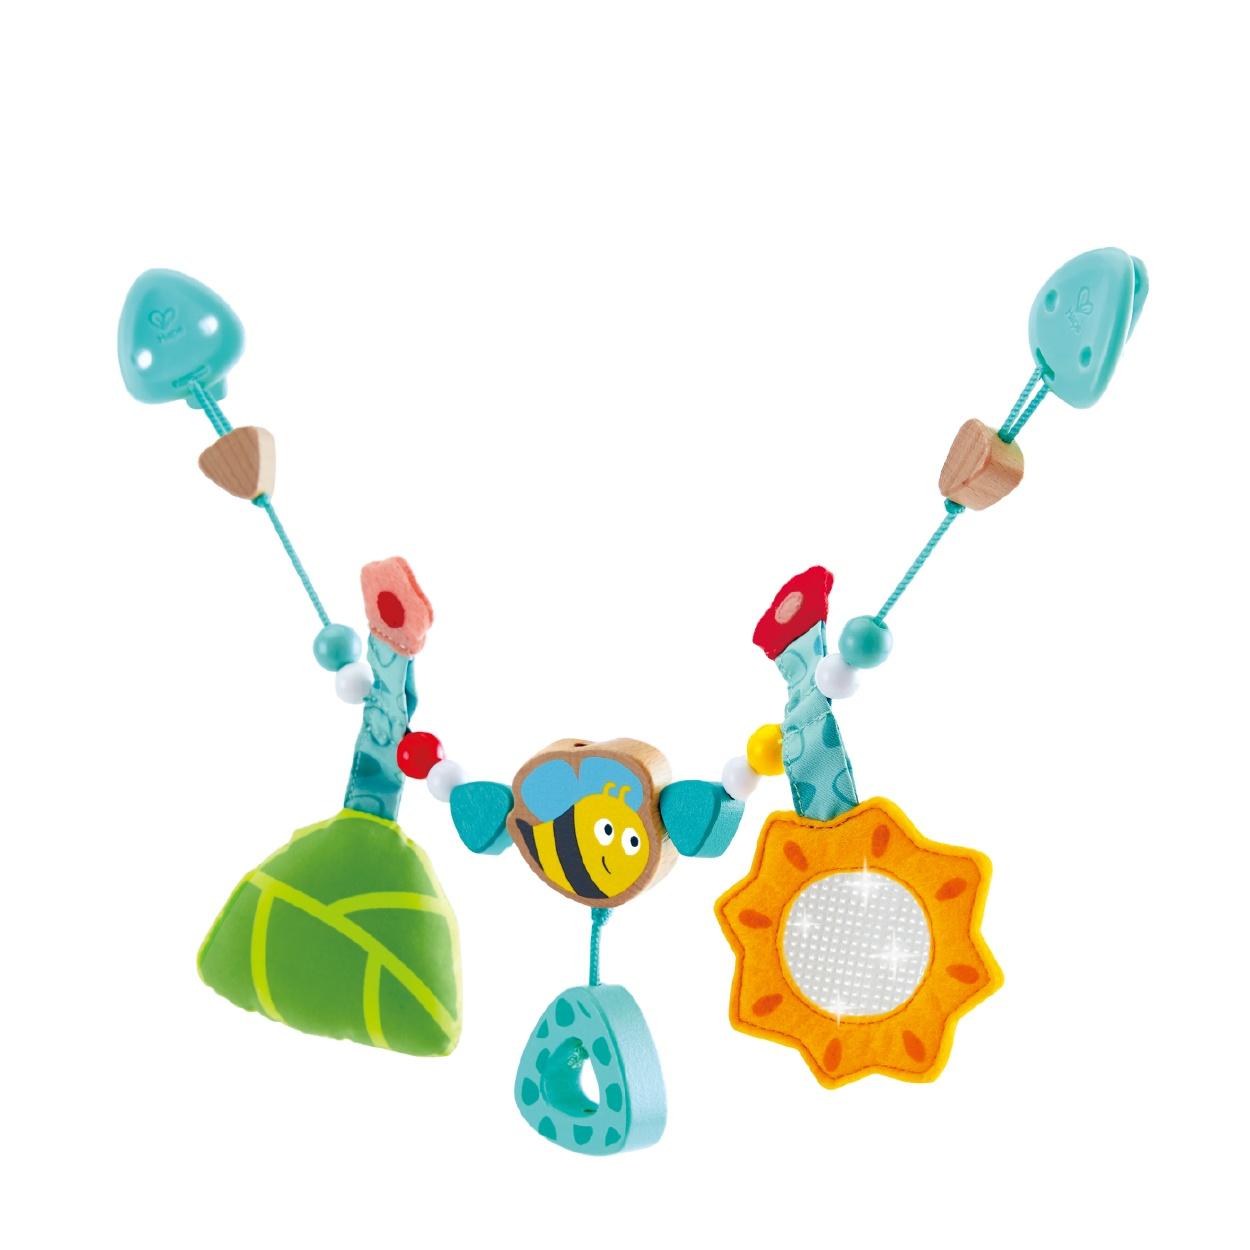 Лидер продаж, милая подвесная игрушка для детской кровати, вращающаяся кроватка, музыкальные мобильные игрушки, цепочка для коляски, детские игрушки